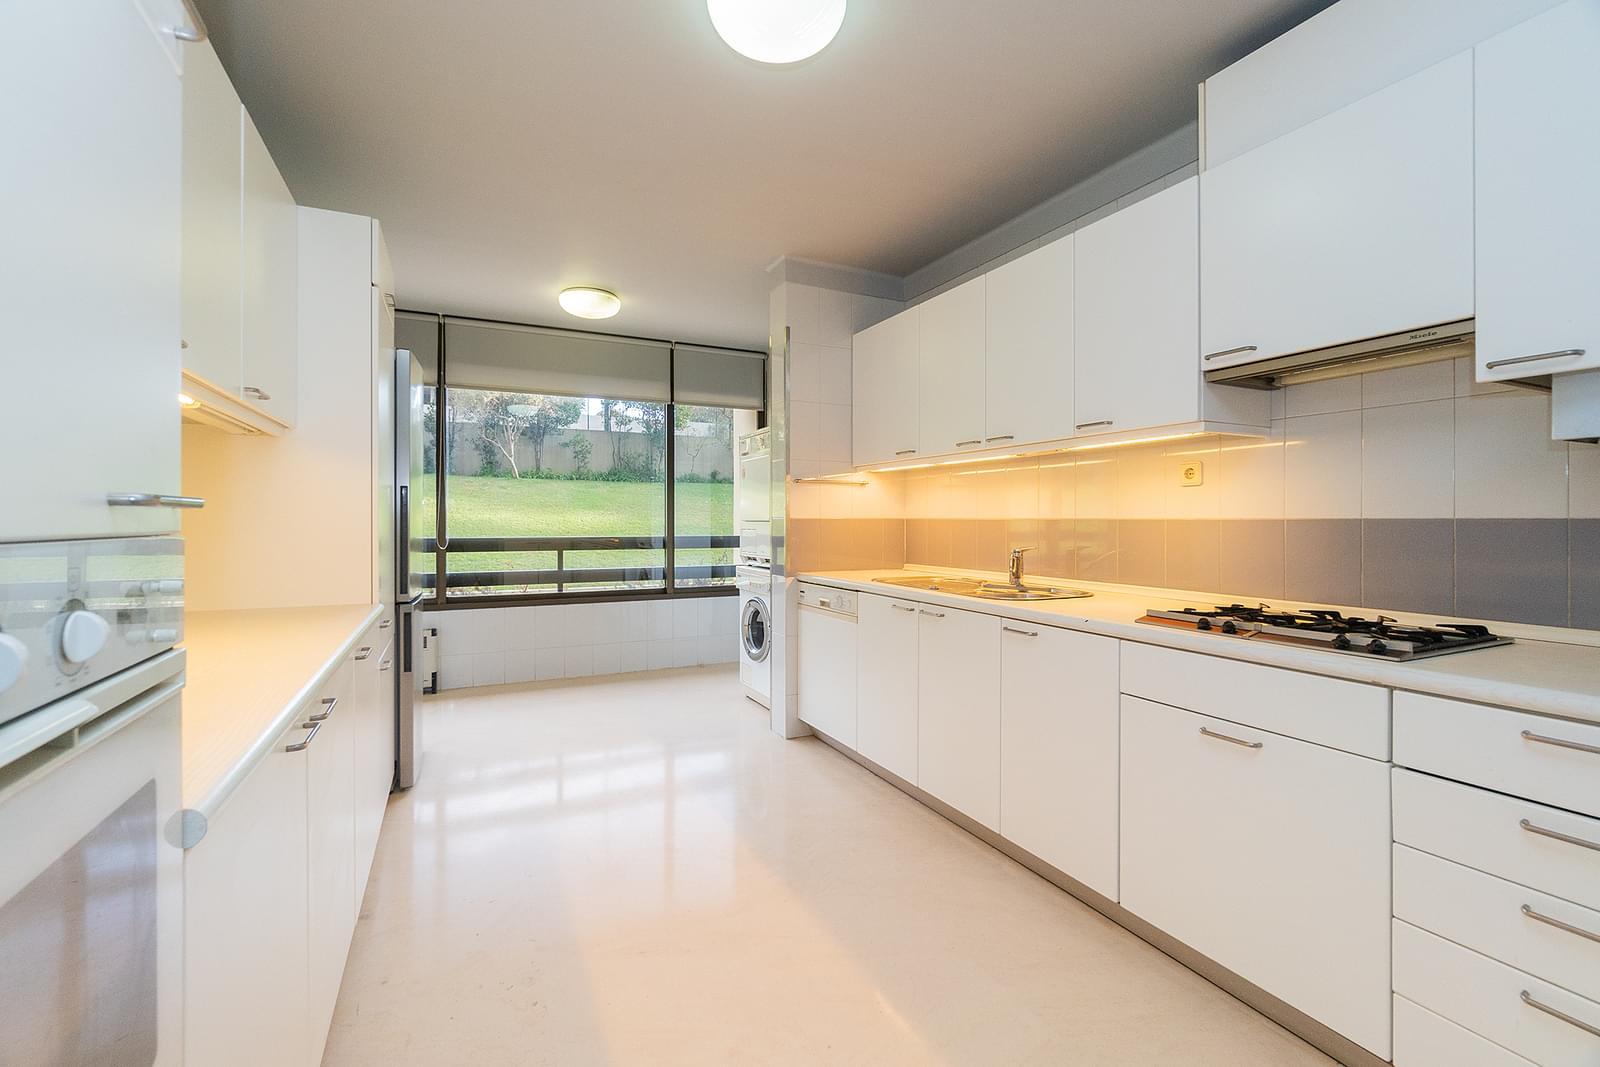 pf18551-apartamento-t3-1-lisboa-7f8a042c-e281-4672-aa9c-7ee2214d0a67